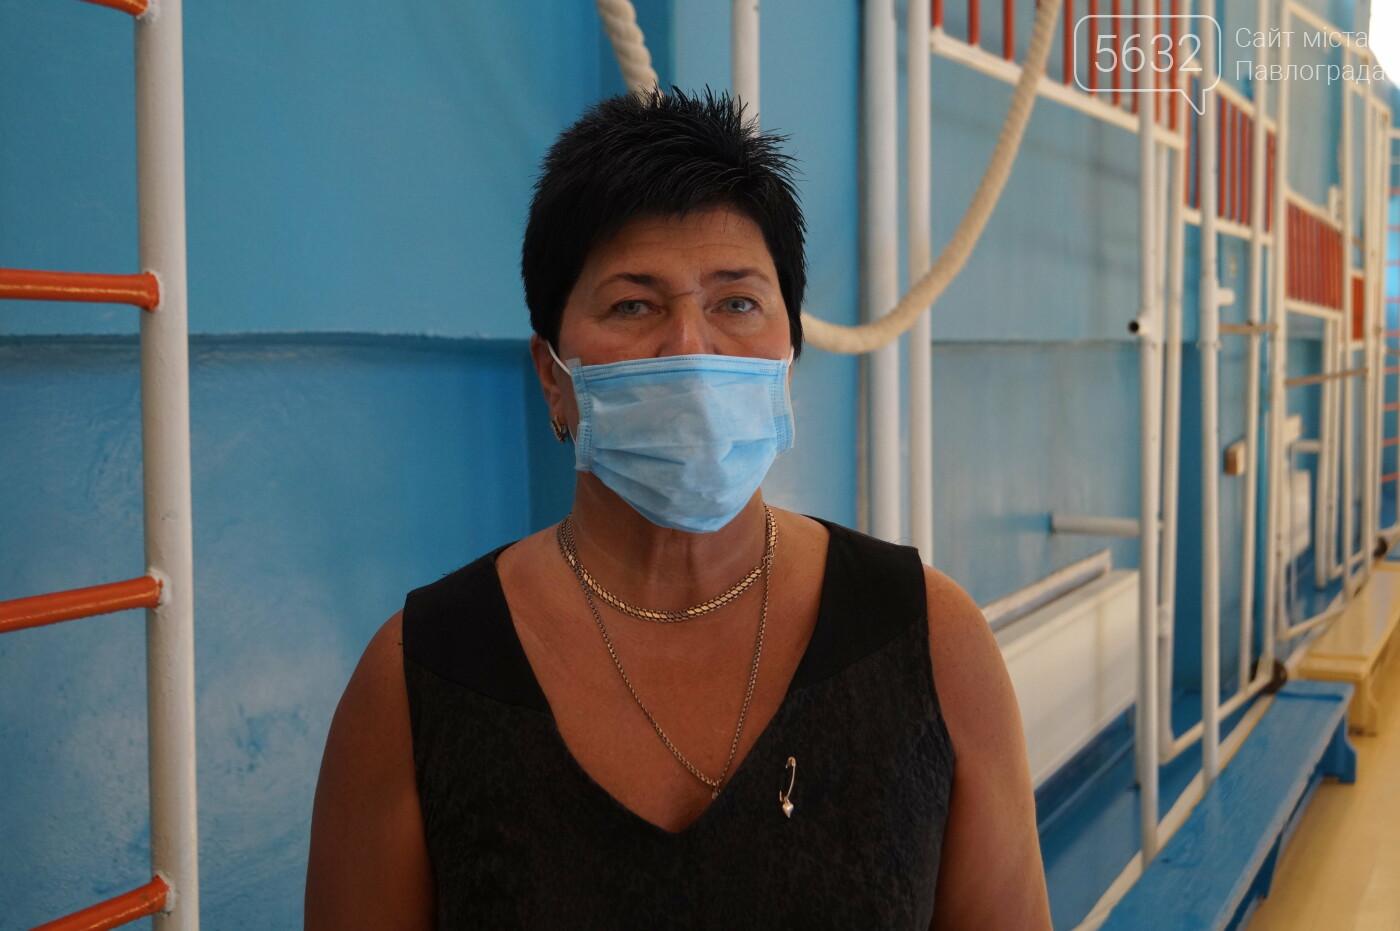 Санитайзеры и медицинские маски: как школы Павлограда готовятся к новому учебному году (ФОТО), фото-12